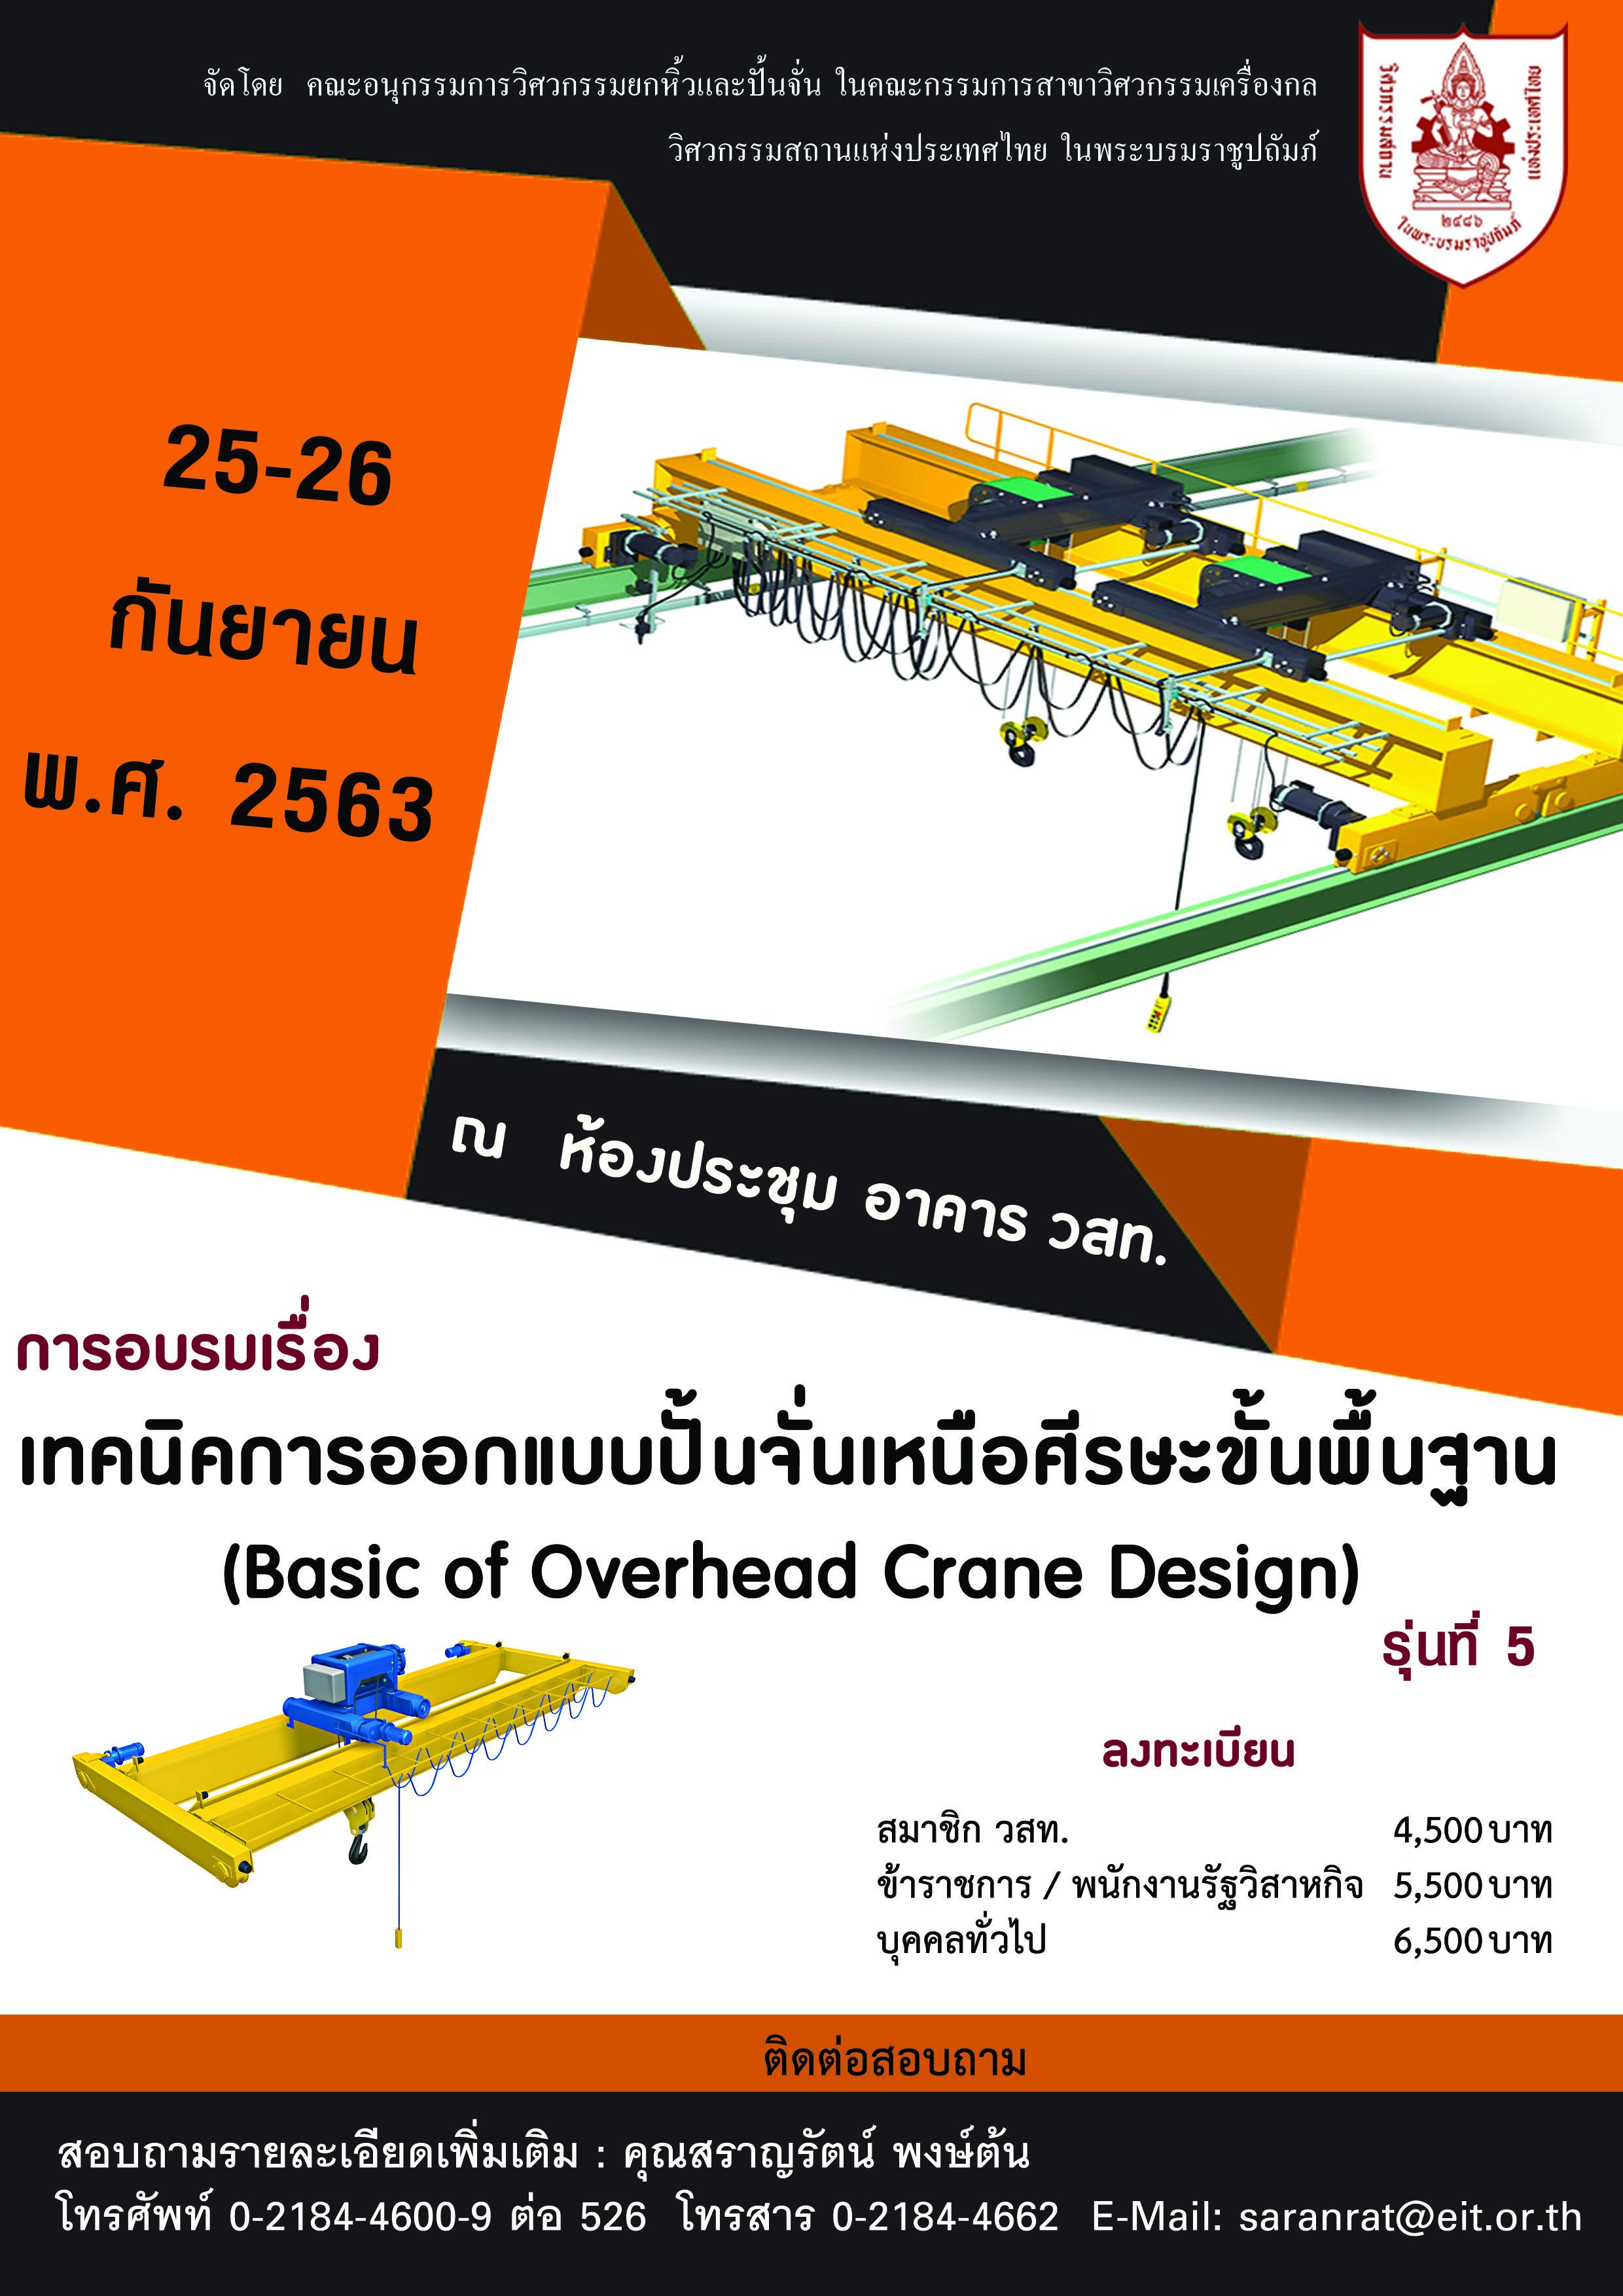 25-26/09/2563 การอบรมเรื่อง เทคนิคการออกแบบปั้นจั่นเหนือศีรษะขั้นพื้นฐาน (Basic of Overhead Crane Design) รุ่นที่ 5